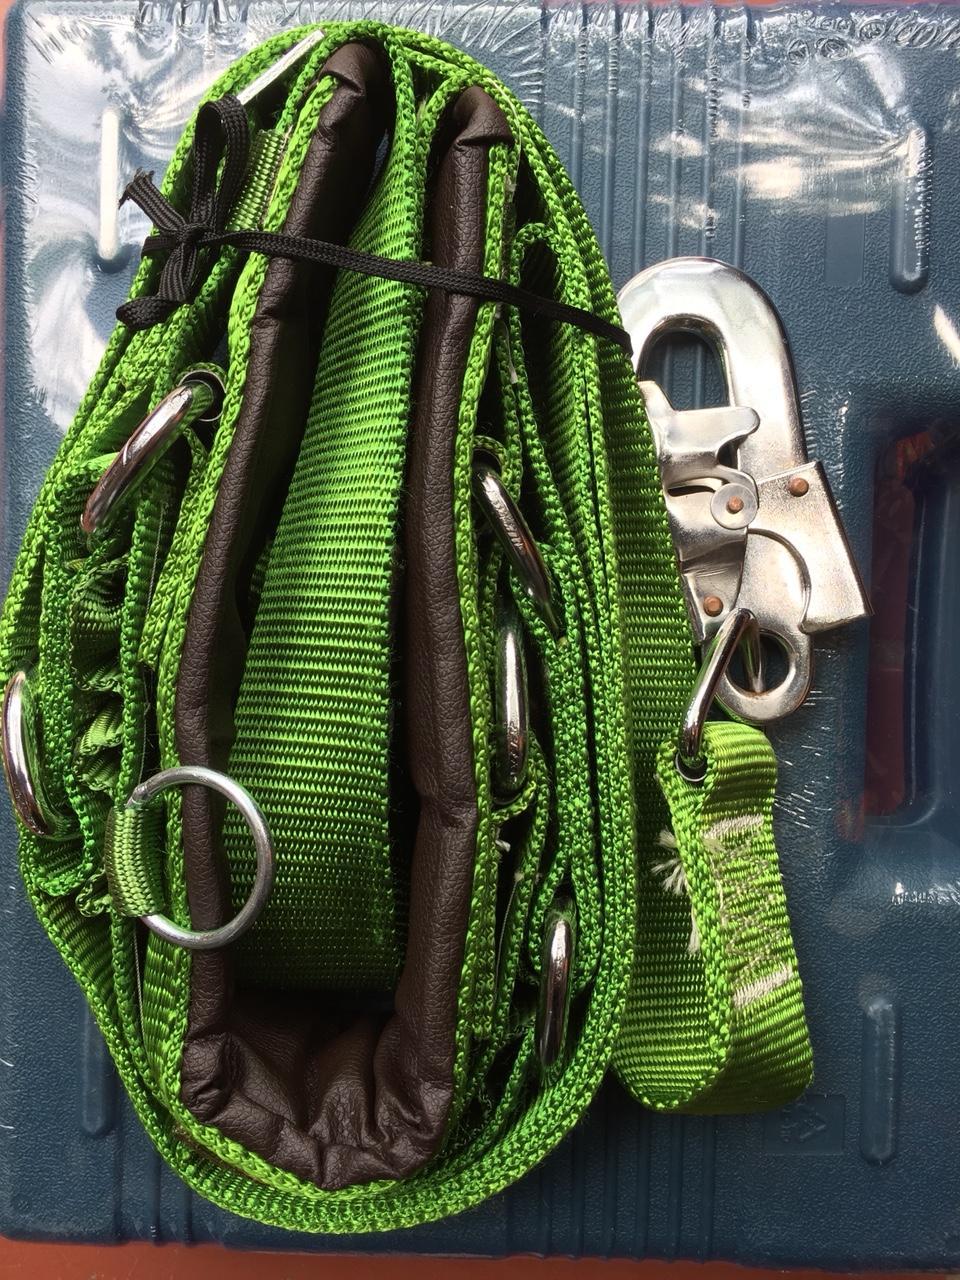 Dây an toàn lao động có ghế ngồi, dây an toàn trèo cột điện, dây bảo hiểm leo núi, dây bảo hiểm leo cây